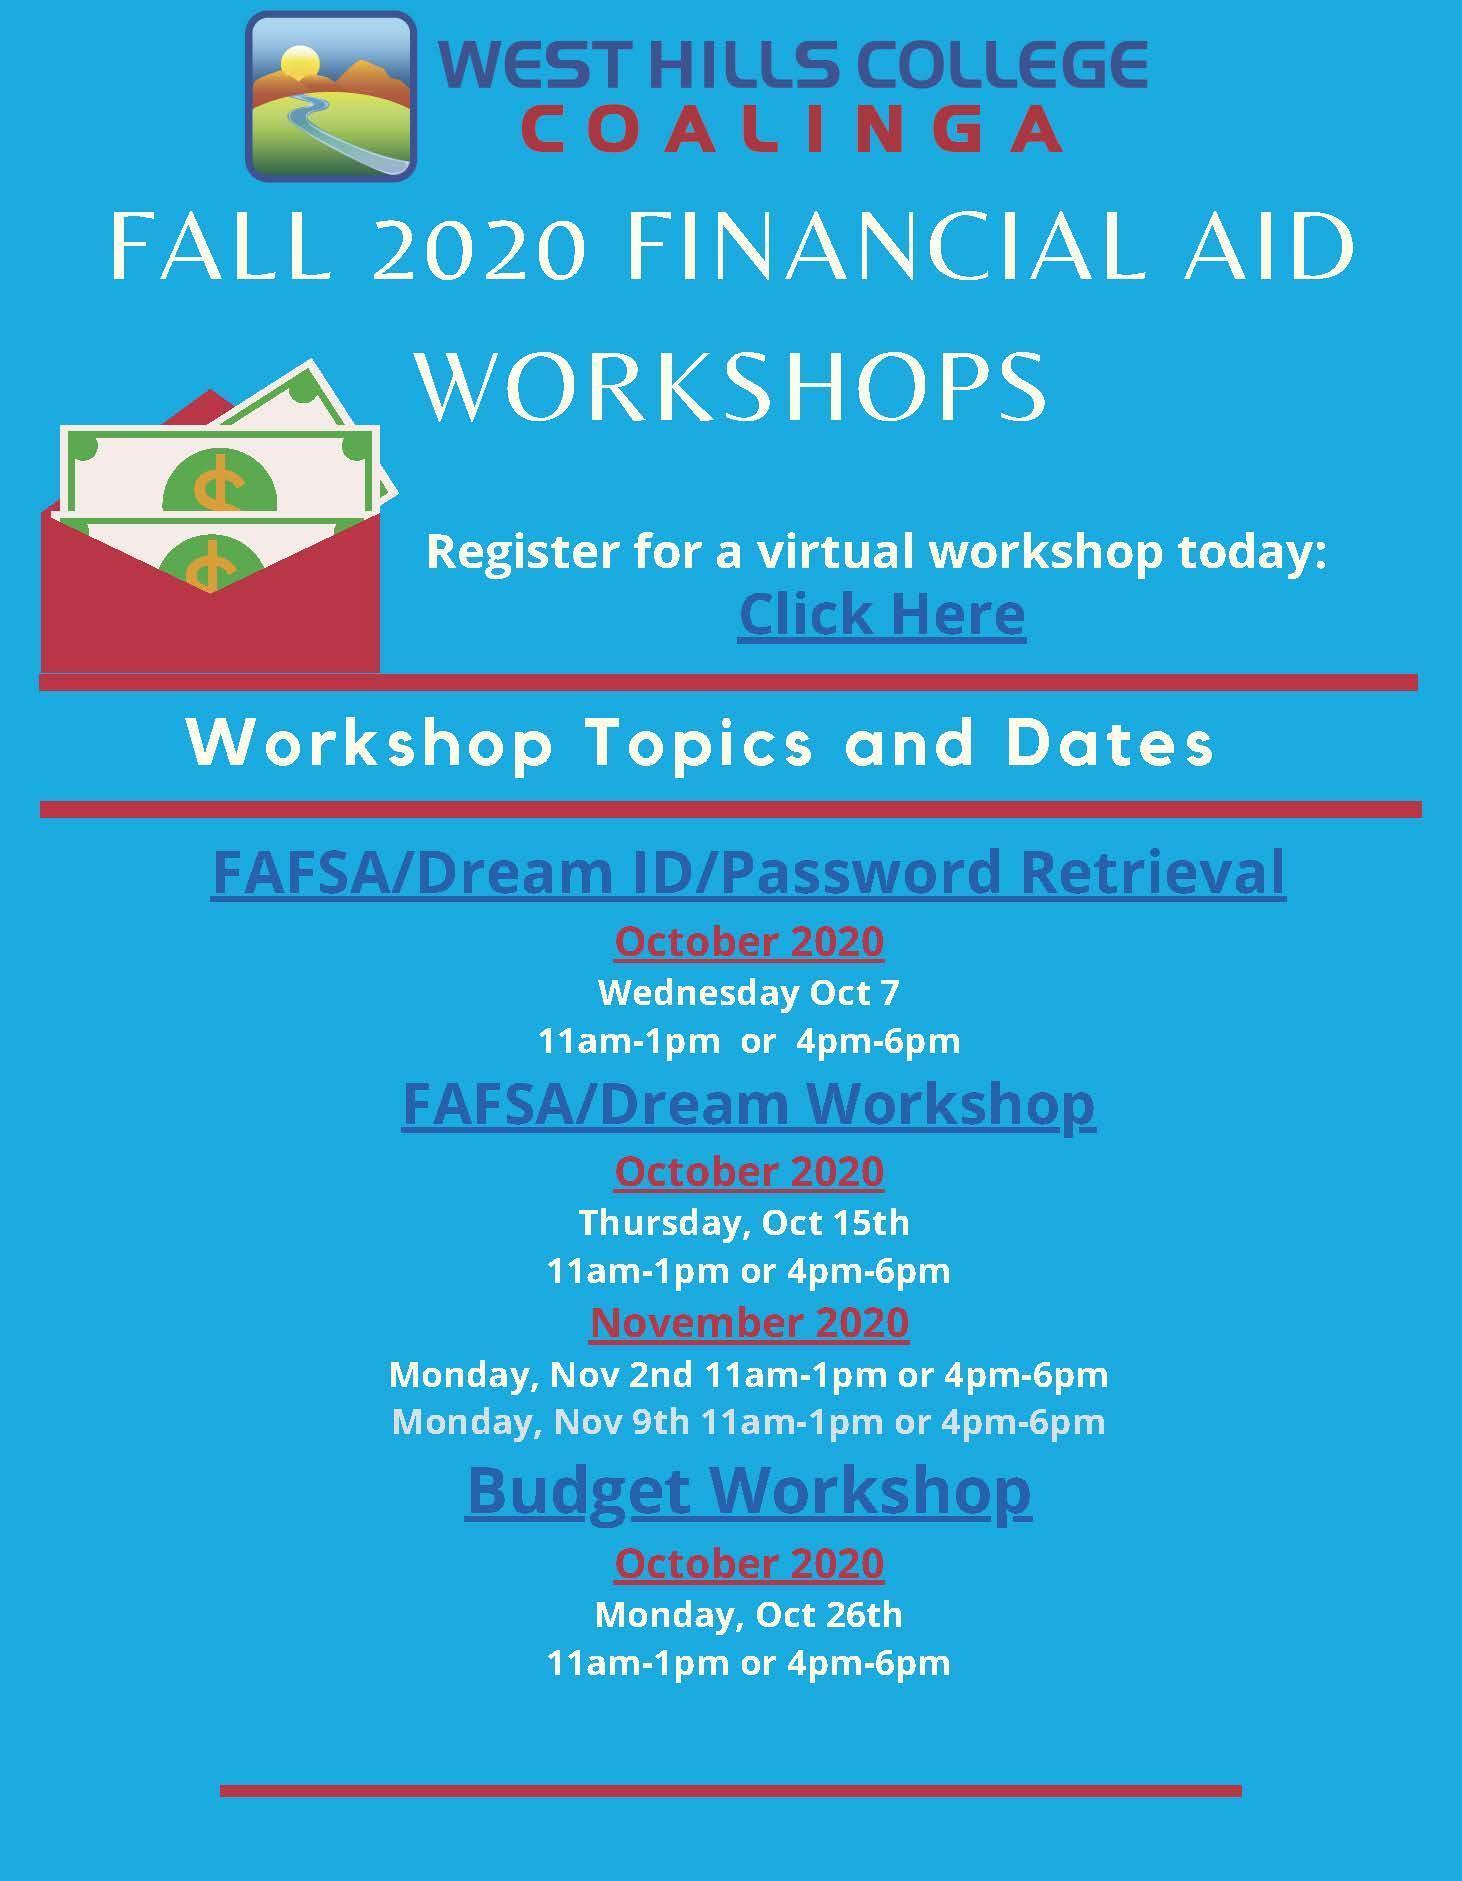 Fall 2020 Financial Aid Workshops